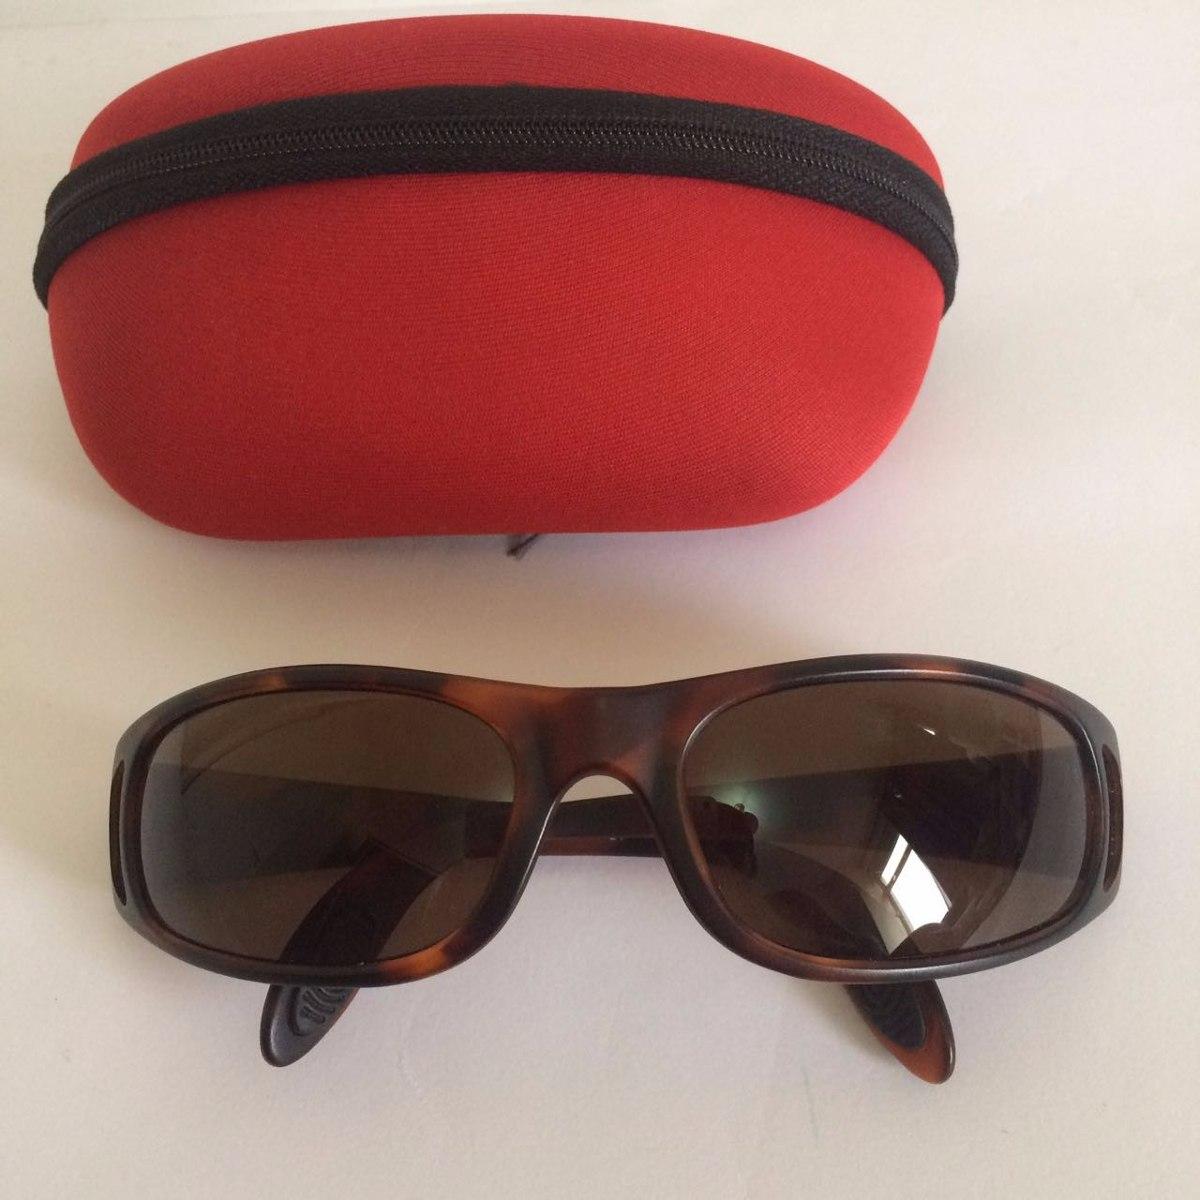 oculos de sol feminino masculino barato original. Carregando zoom. c1e8ed4f51